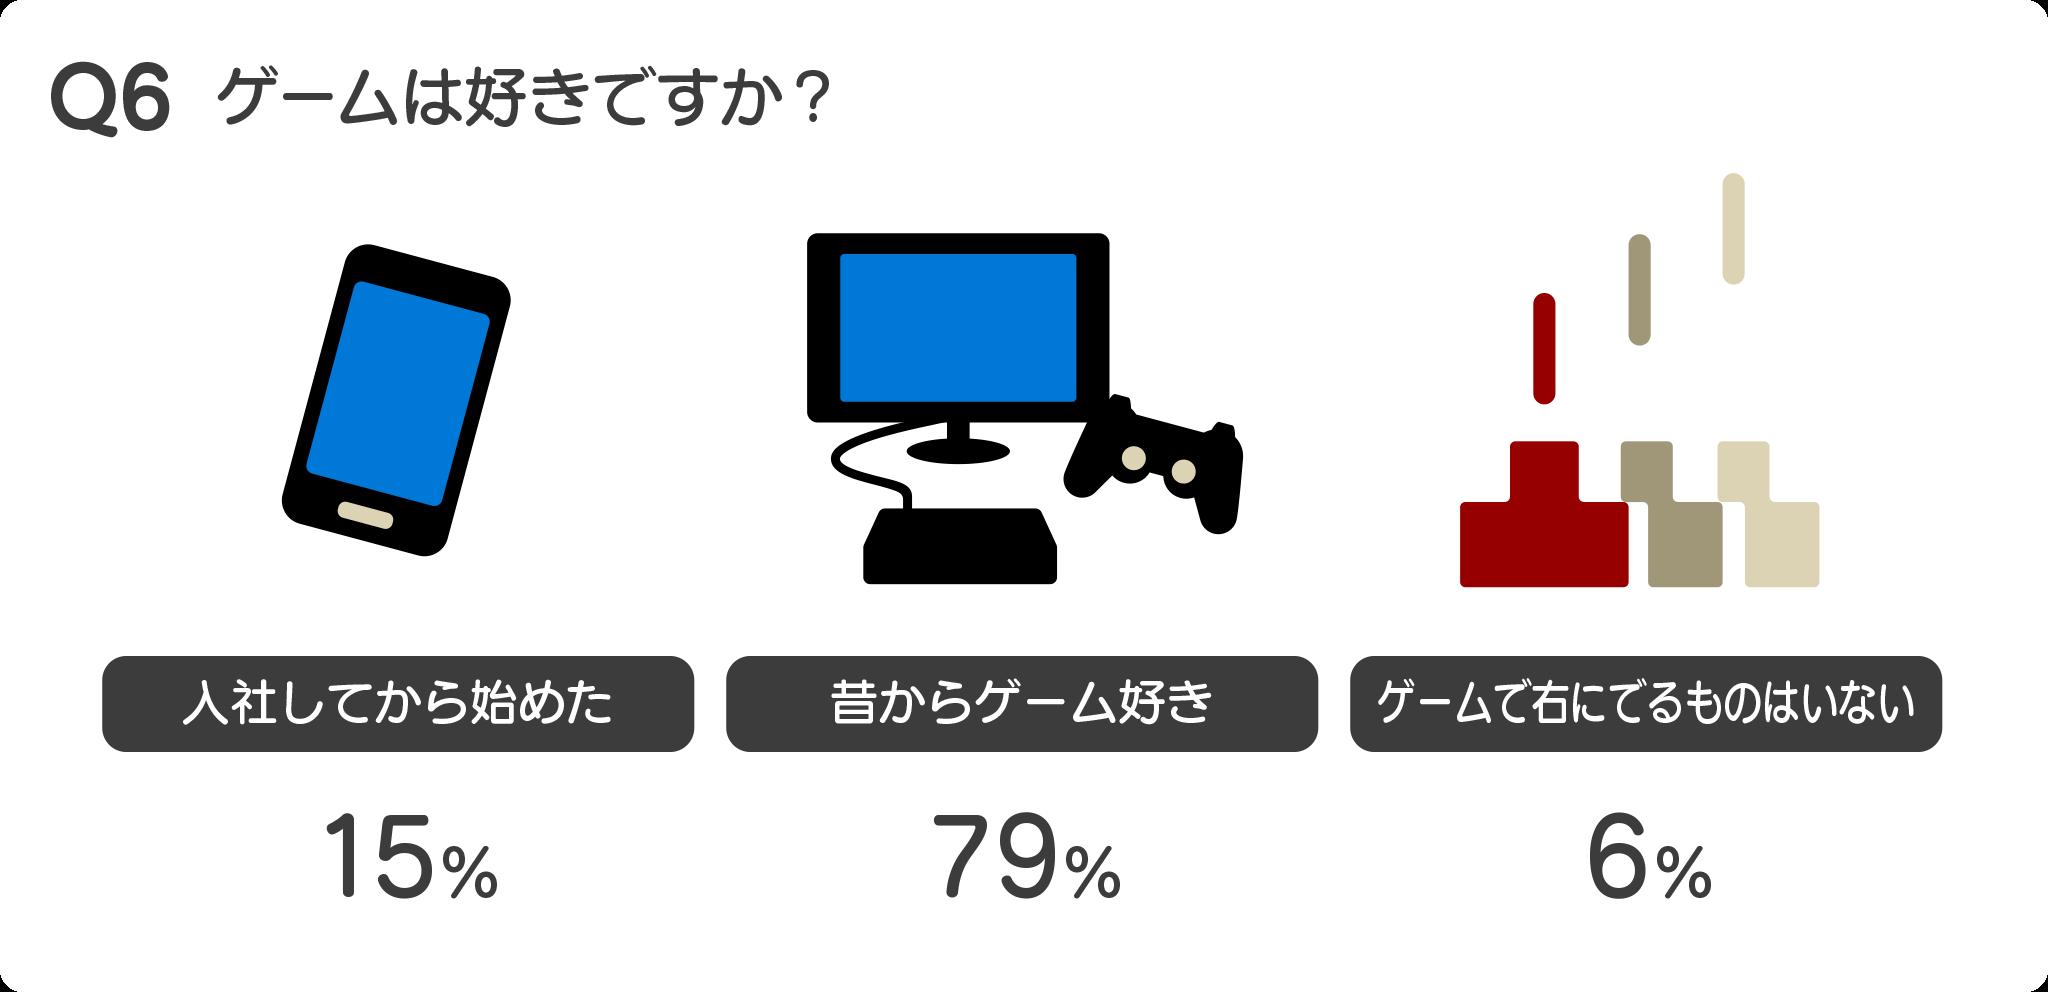 Q6 ゲームは好きですか?